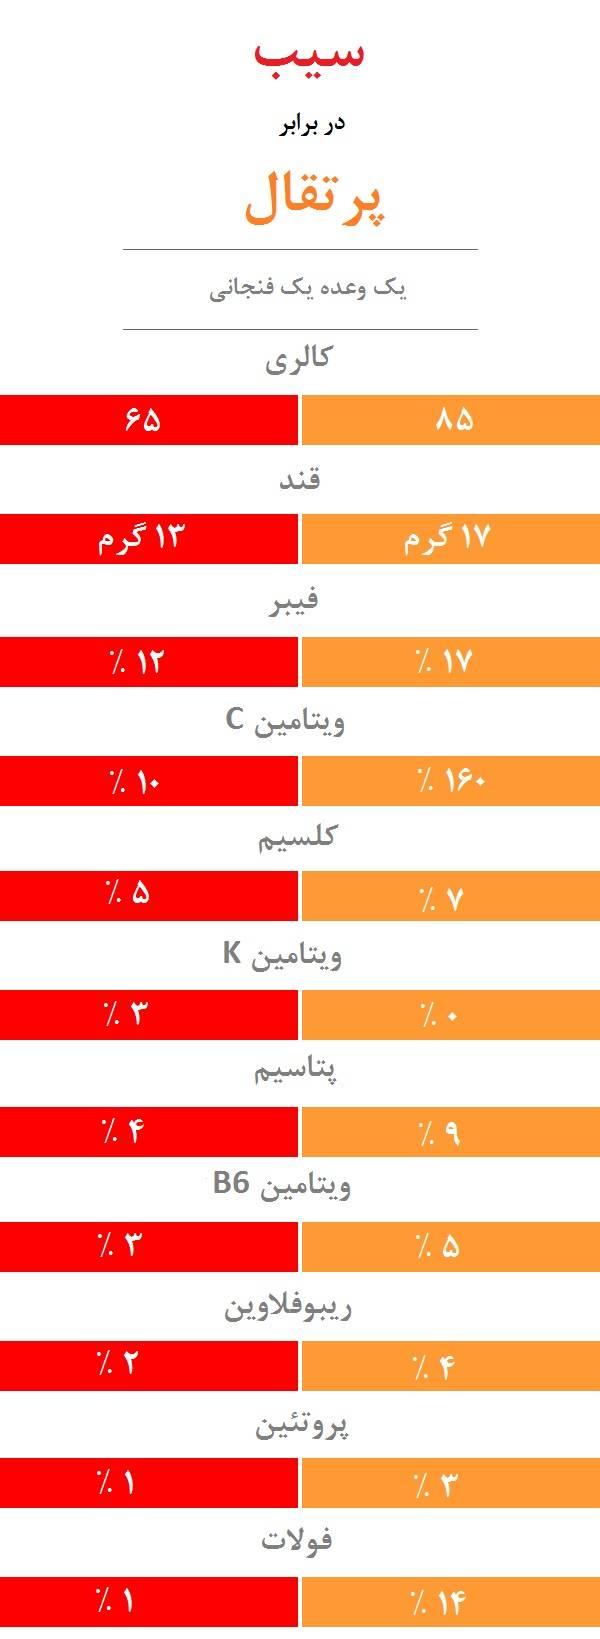 مقایسه رفتگر با آفتاب مقایسه ارزش تغذیه ای سیب با پرتقال - آفتاب | دمادم